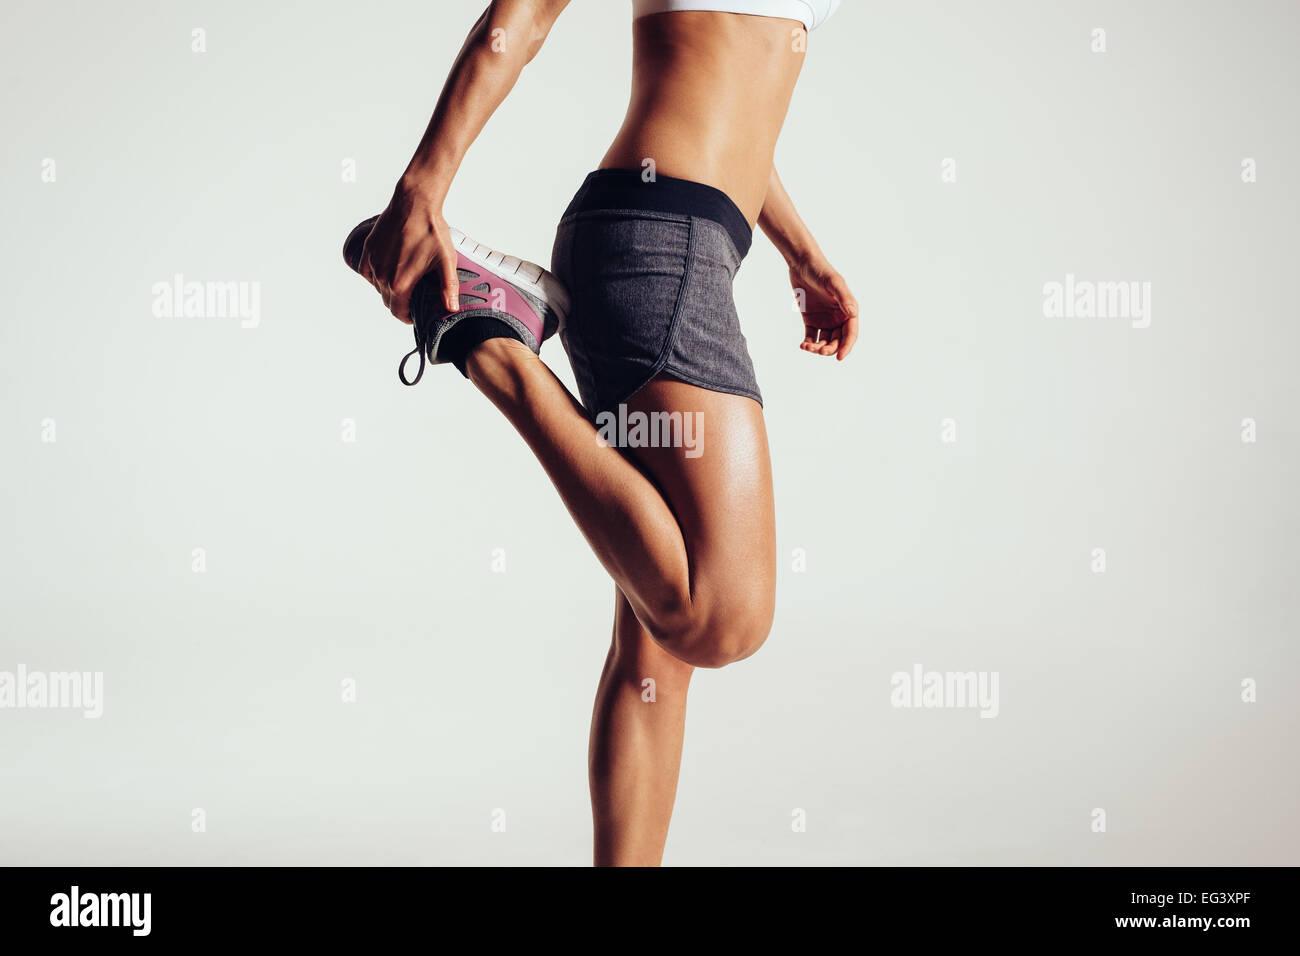 Portrait d'une femme de remise en forme s'étendant ses jambes contre fond gris. Monter coureuse faisant Photo Stock